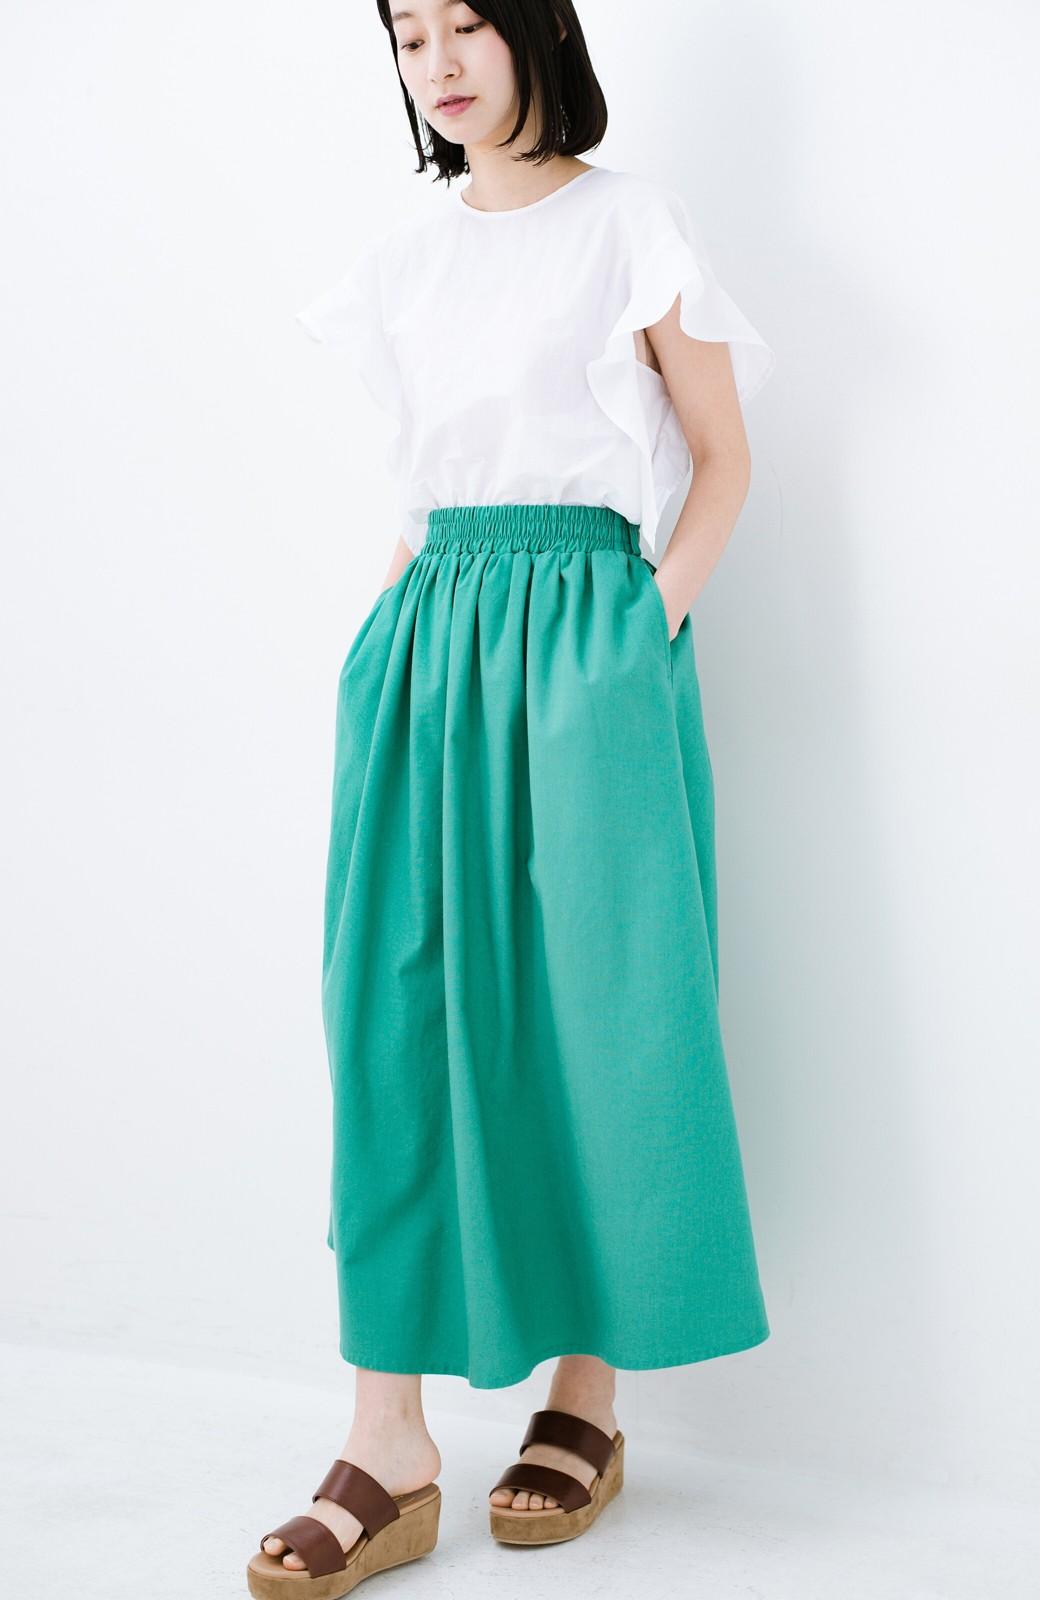 haco! 楽してスタイルが決まる 涼やか麻混スカート <グリーン>の商品写真1